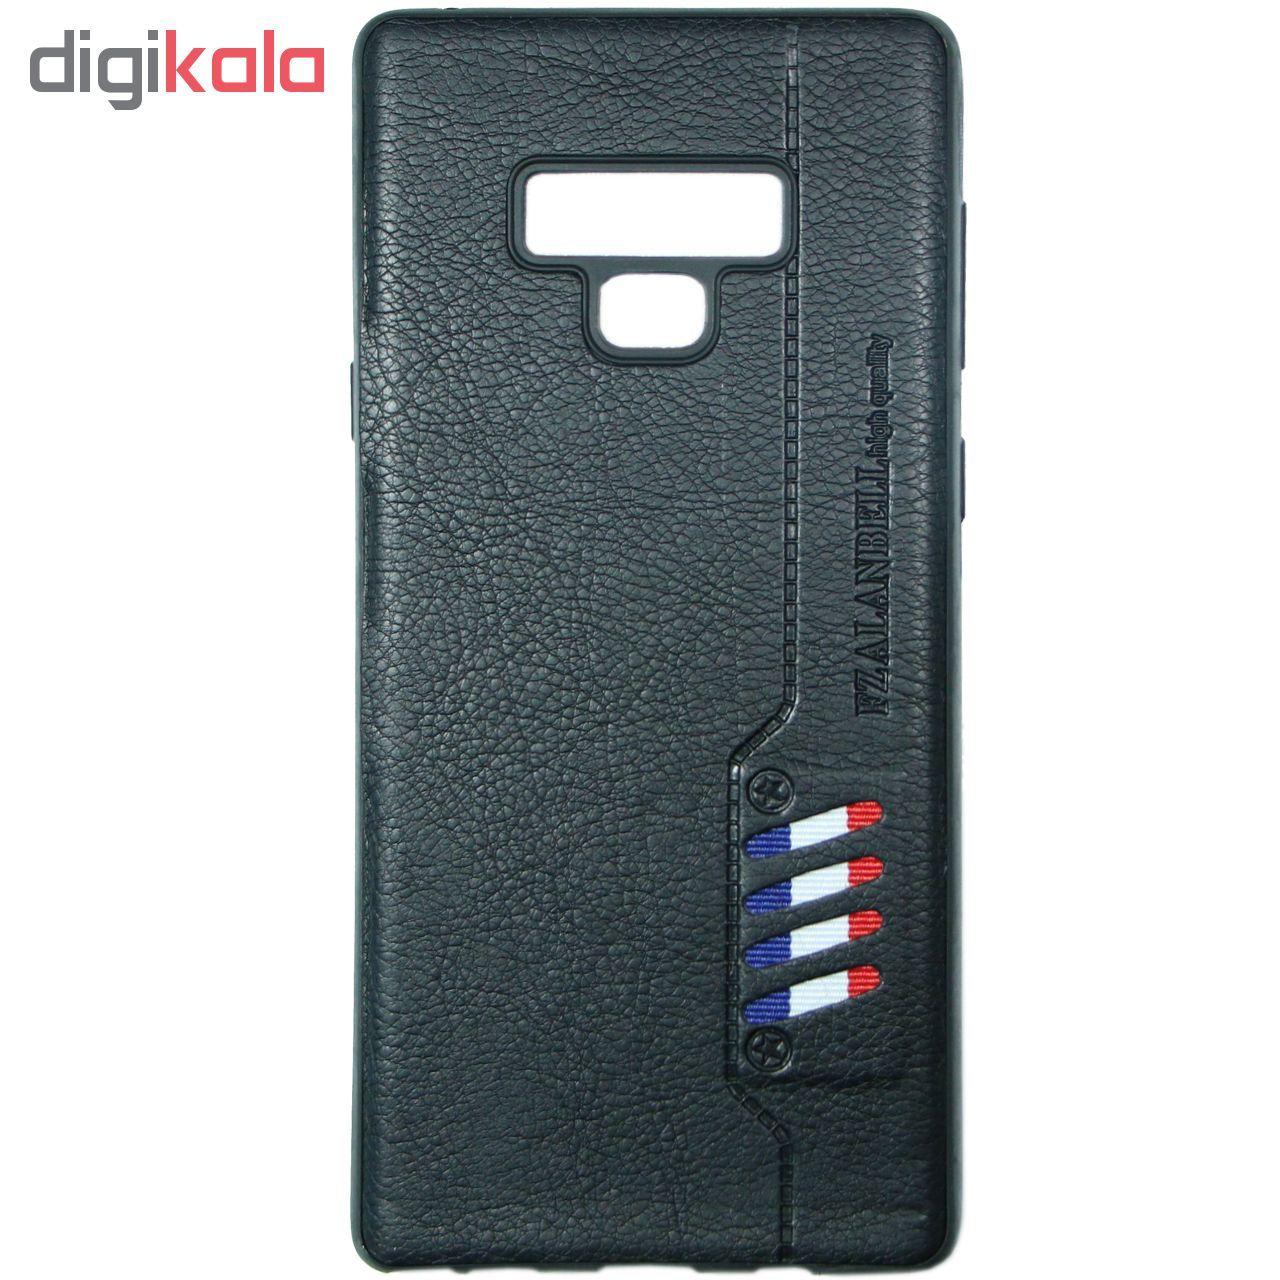 کاور مدل H3 مناسب برای گوشی موبایل سامسونگ Galaxy note 9 main 1 1